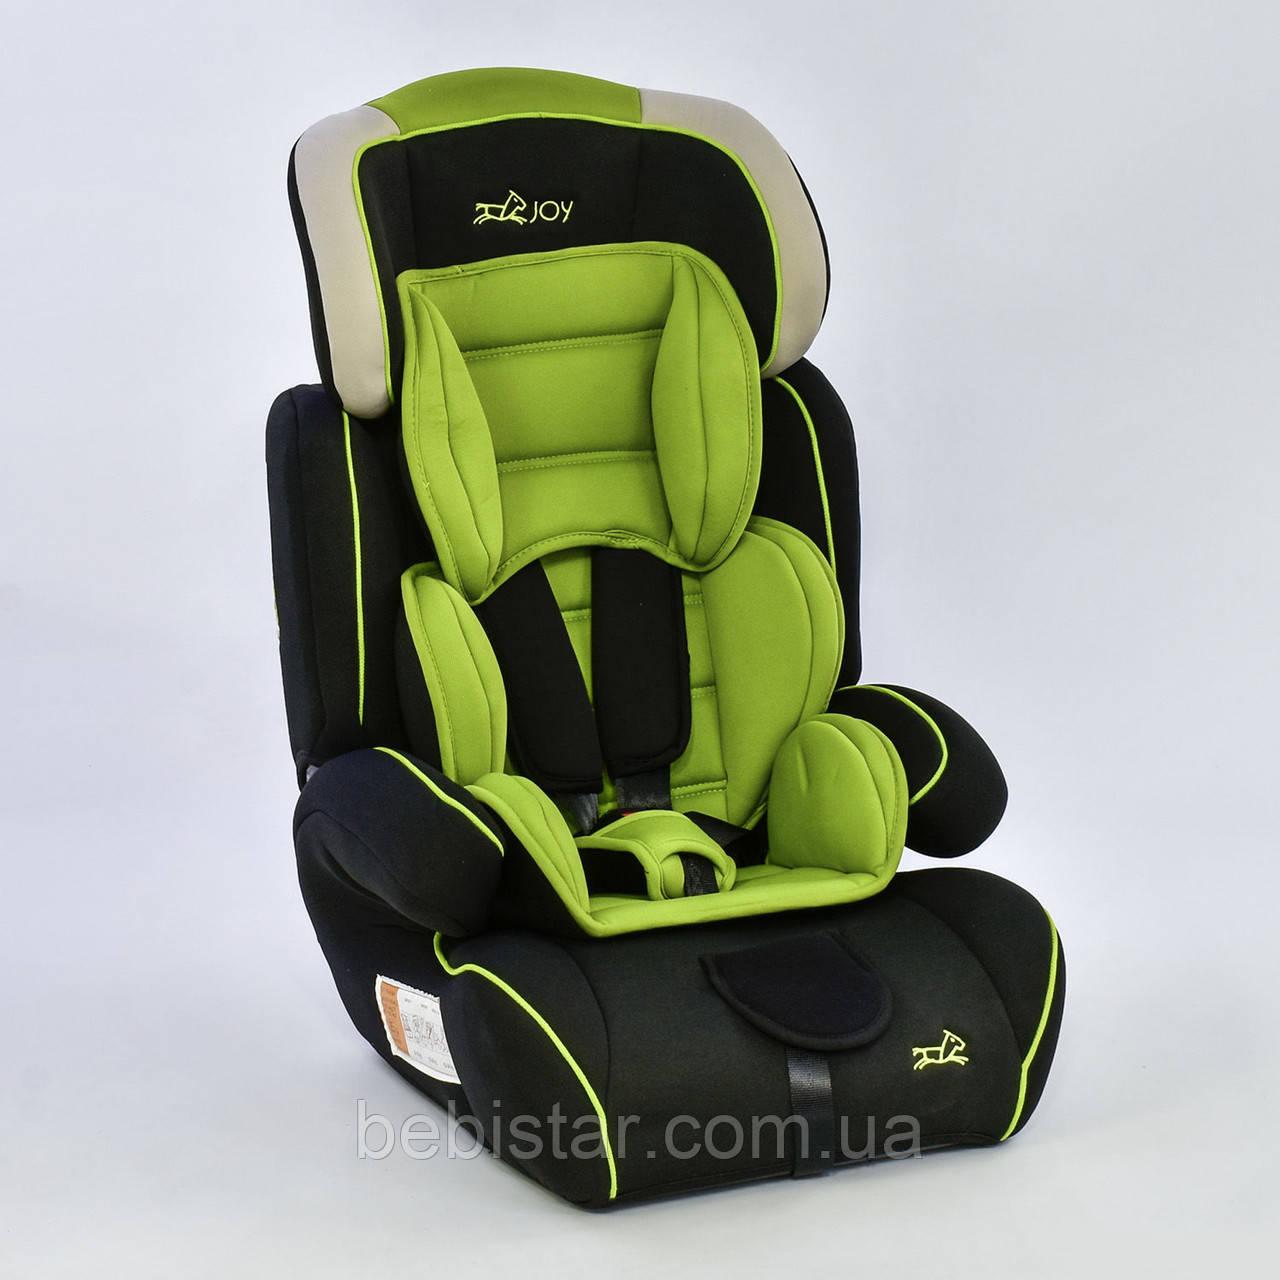 Детское автокресло серо-зеленое JOY